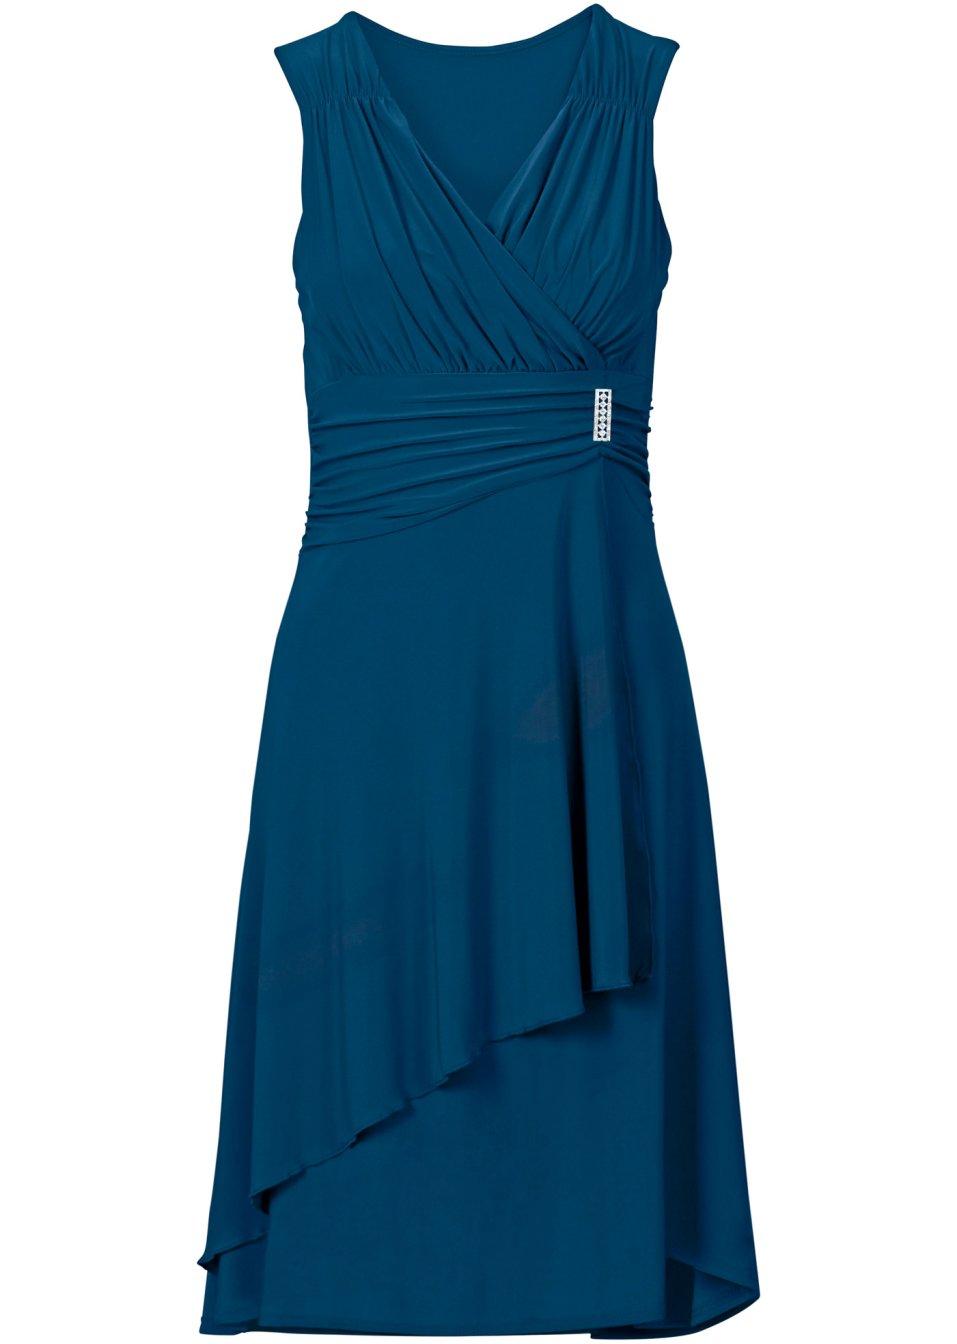 robe avec application bleu femme. Black Bedroom Furniture Sets. Home Design Ideas